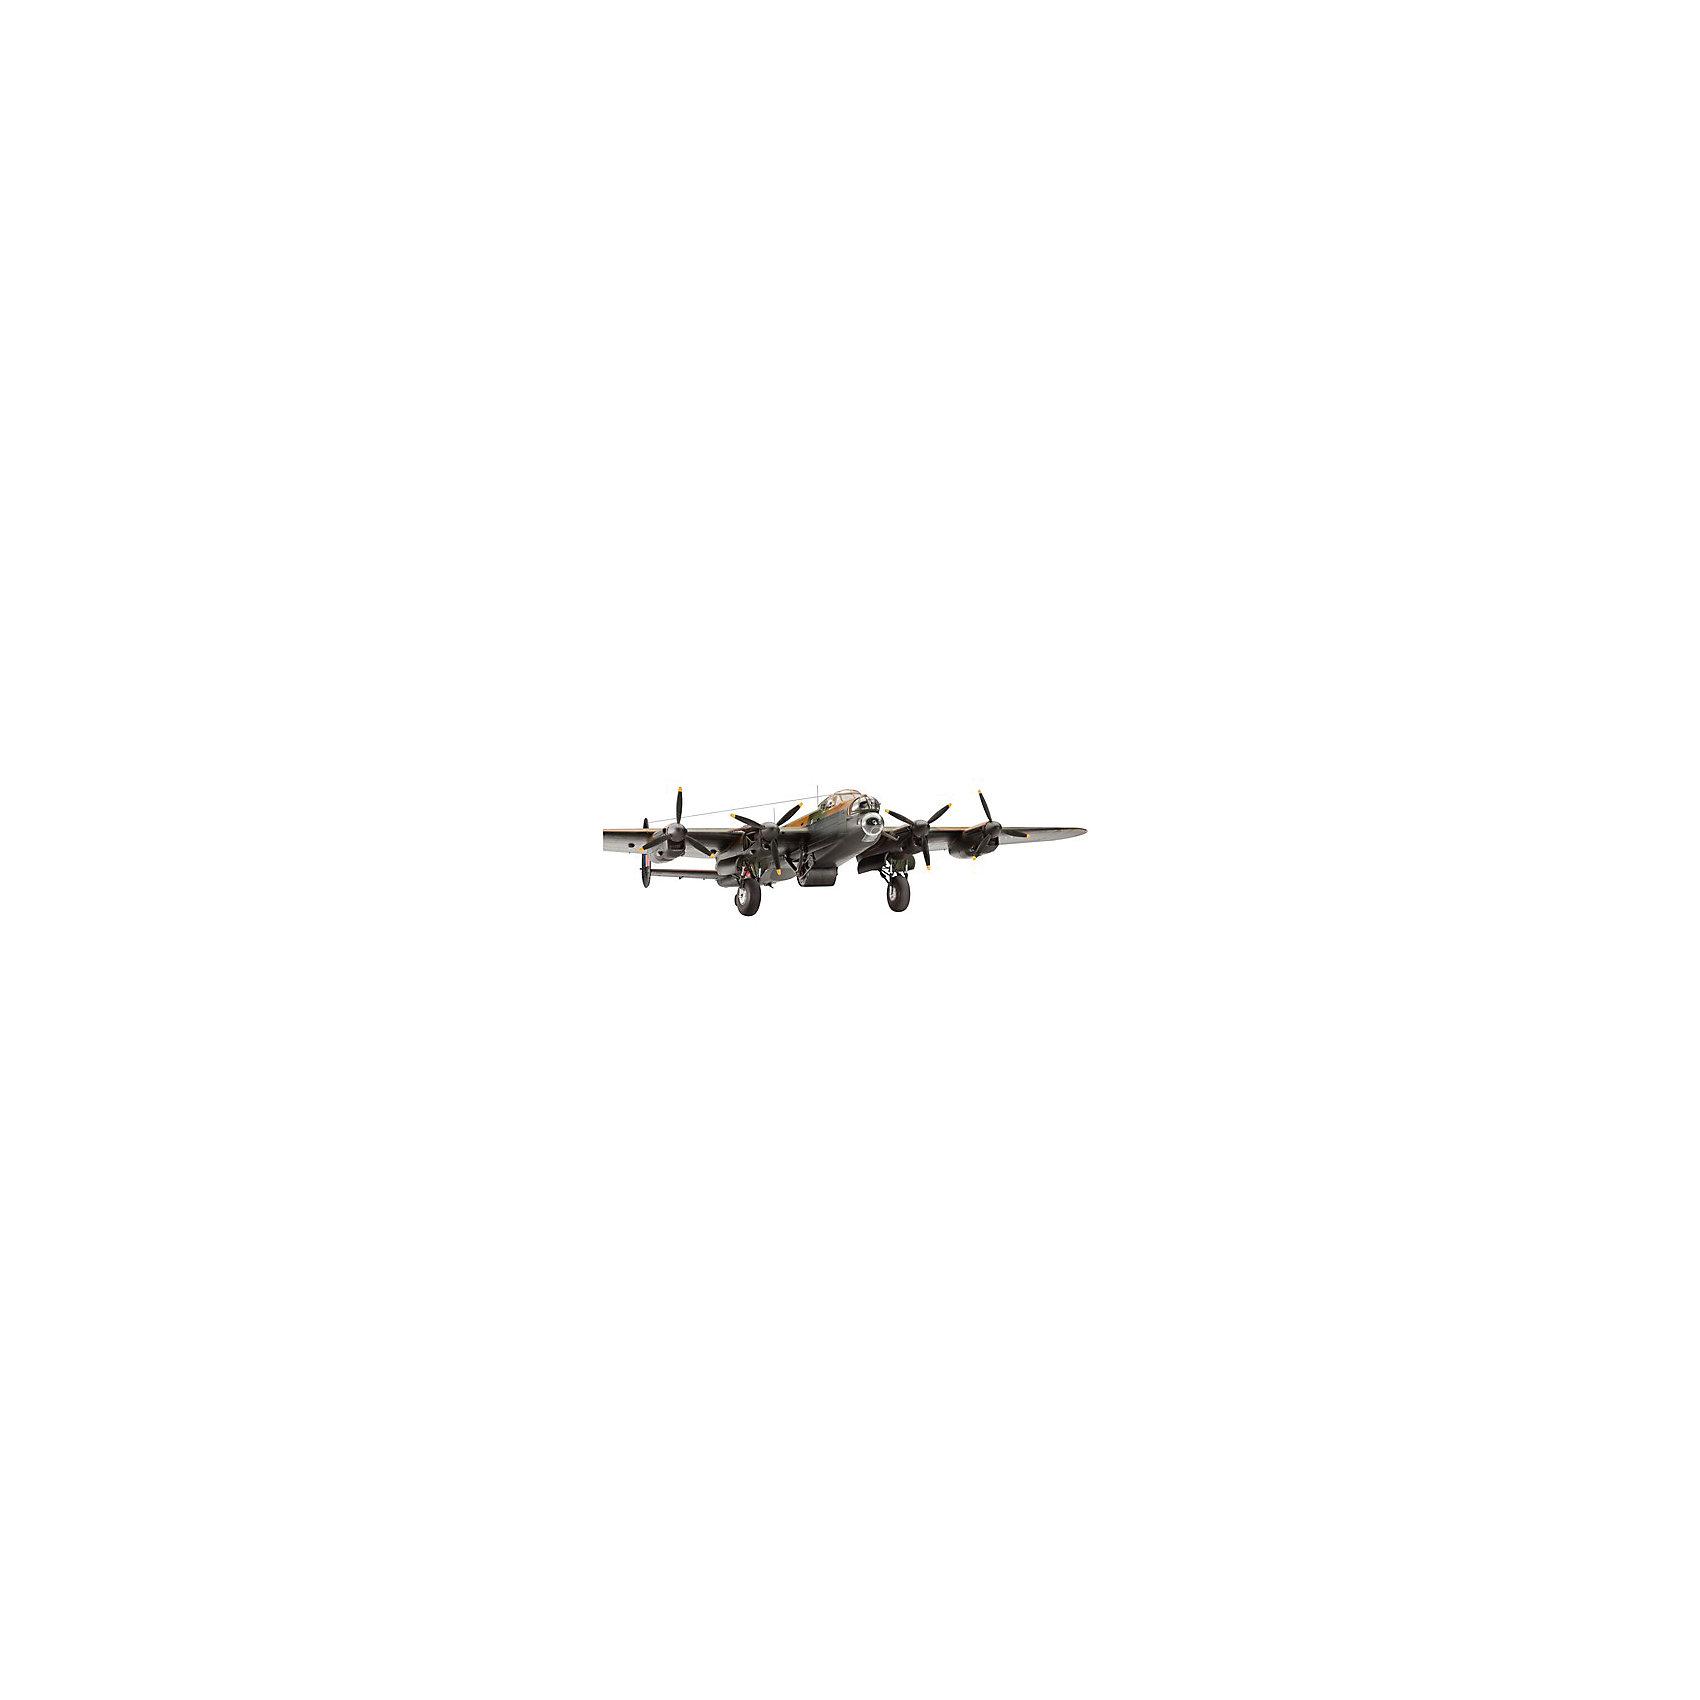 Бомбардировщик Lancaster Dam Buster  1:72Модели для склеивания<br>Сборная модель британского тяжелого бомбардировщика Avro Lancaster. Во время Второй мировой войны являлся одним из основных бомбардировщиков ВВС Великобритании. Самолеты данного типа совершили более 150 тысяч боевых вылетов. Всего ими было сброшено около 600 тысяч тонн бомб. Известность Ланкастеру принесла операция против немецких плотин в Руре, в которой были задействованы эти машины. <br>Всего было произведено 7377 экземпляров. В ряде стран самолет состоял на вооружении до 1963 года. <br>Масштаб: 1:72 <br>Количество деталей: 224 <br>Длина модели: 295 мм <br>Размах крыльев: 428 мм <br>Подойдет для детей старше 10-и лет <br>Клей, краски и кисточки продаются отдельно.<br><br>Ширина мм: 386<br>Глубина мм: 248<br>Высота мм: 67<br>Вес г: 535<br>Возраст от месяцев: 180<br>Возраст до месяцев: 1200<br>Пол: Мужской<br>Возраст: Детский<br>SKU: 1853835